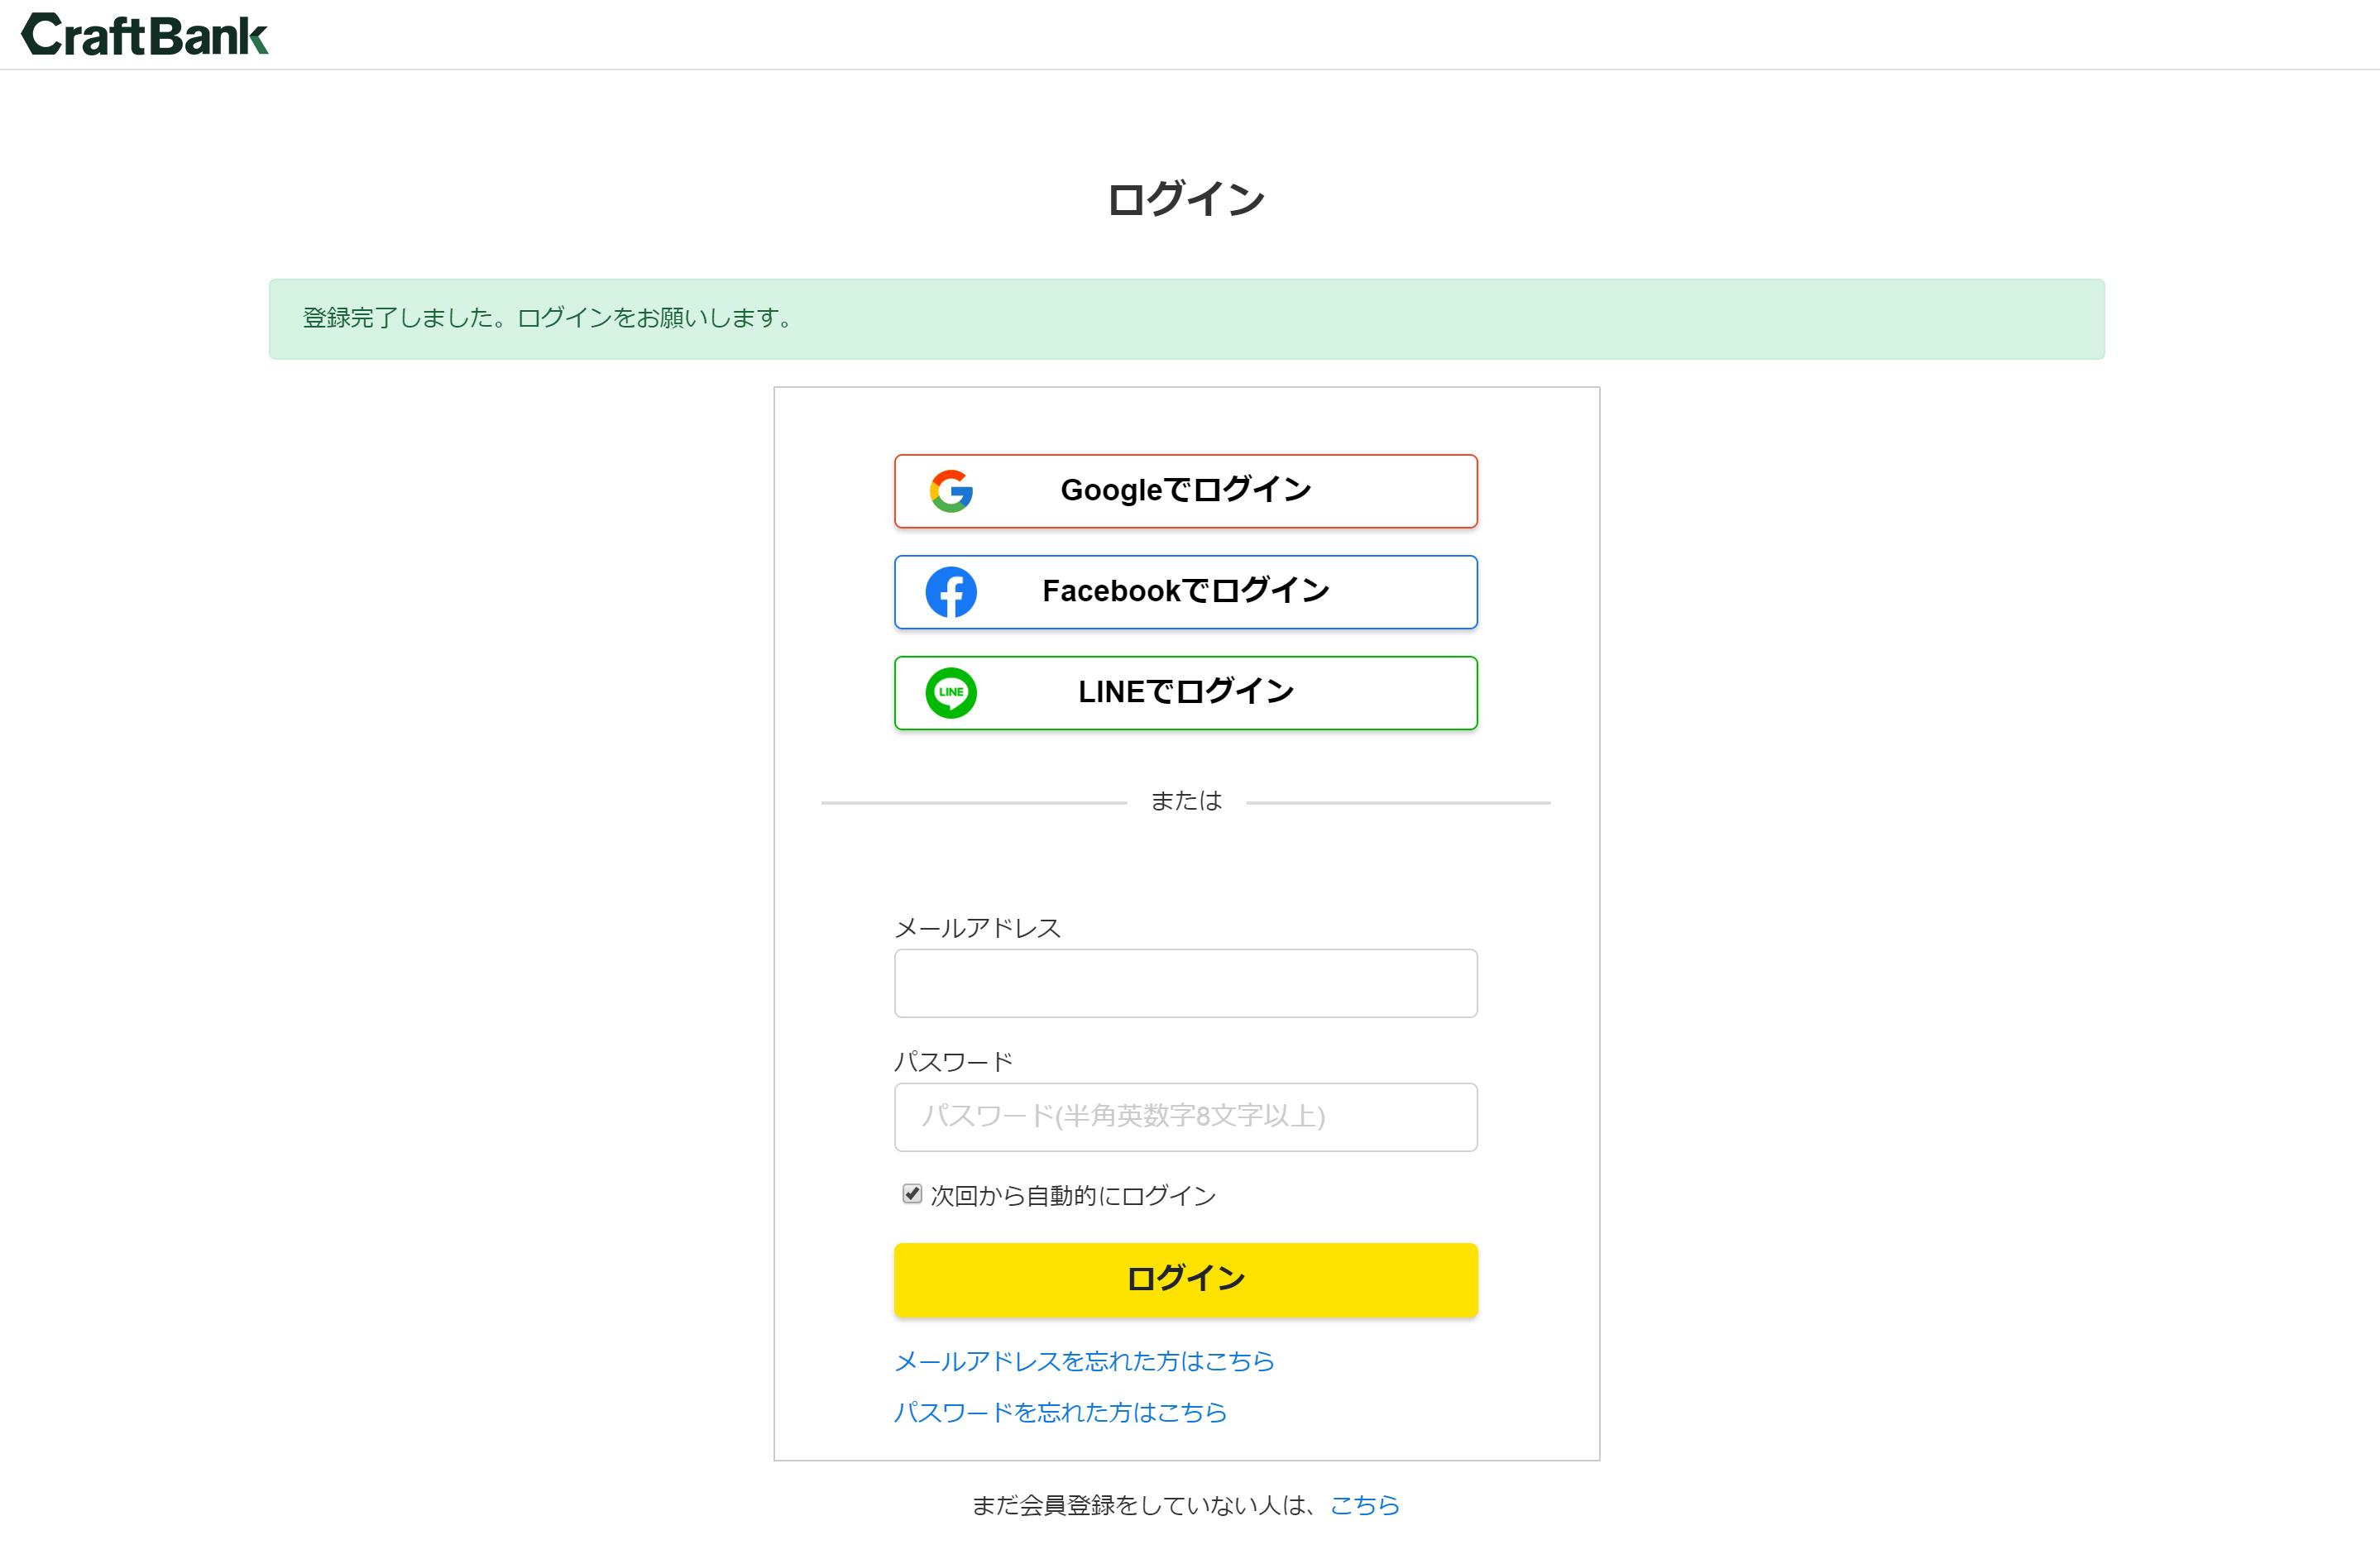 craft-bank.com_login.png